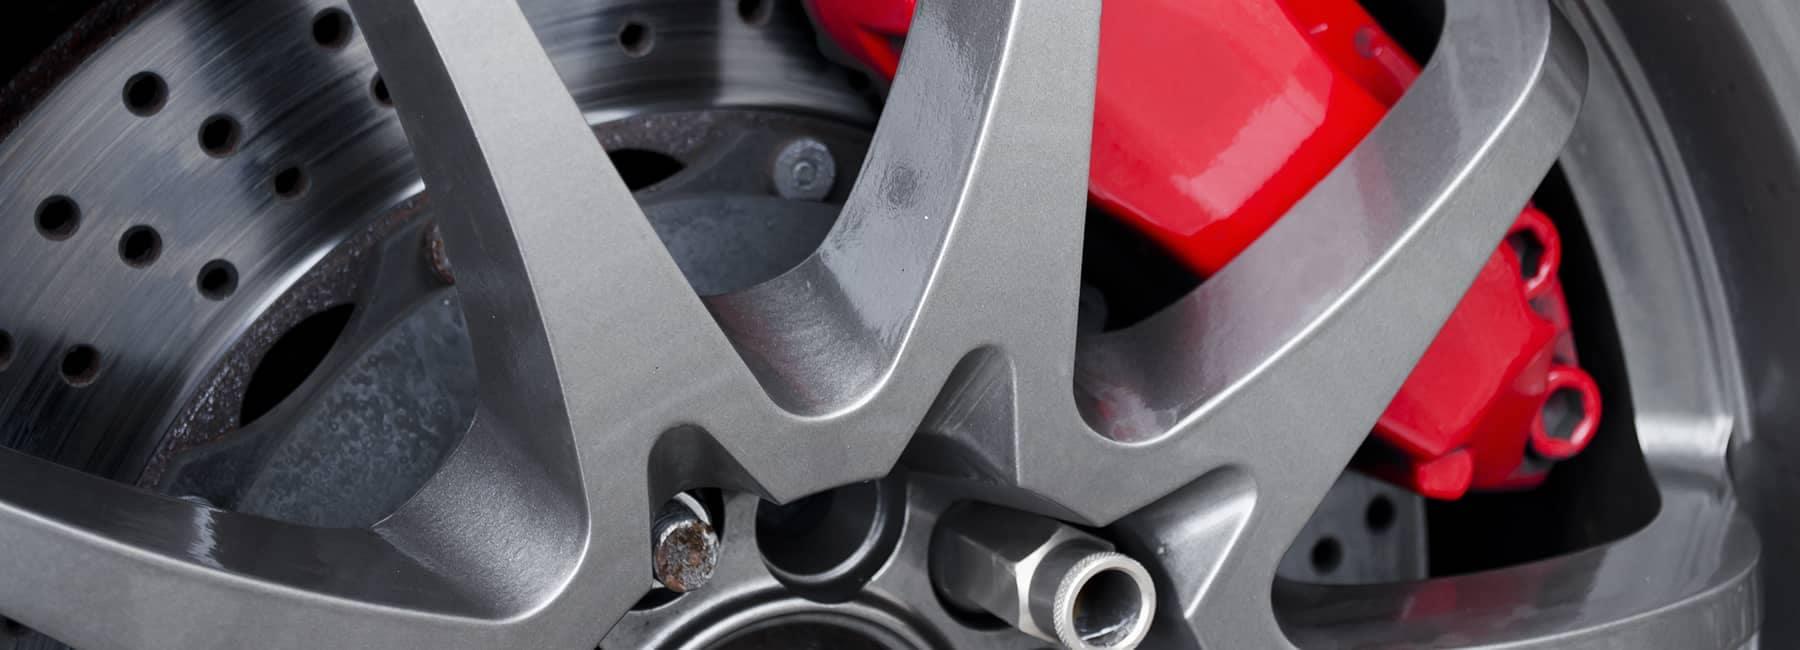 Parts Wheel